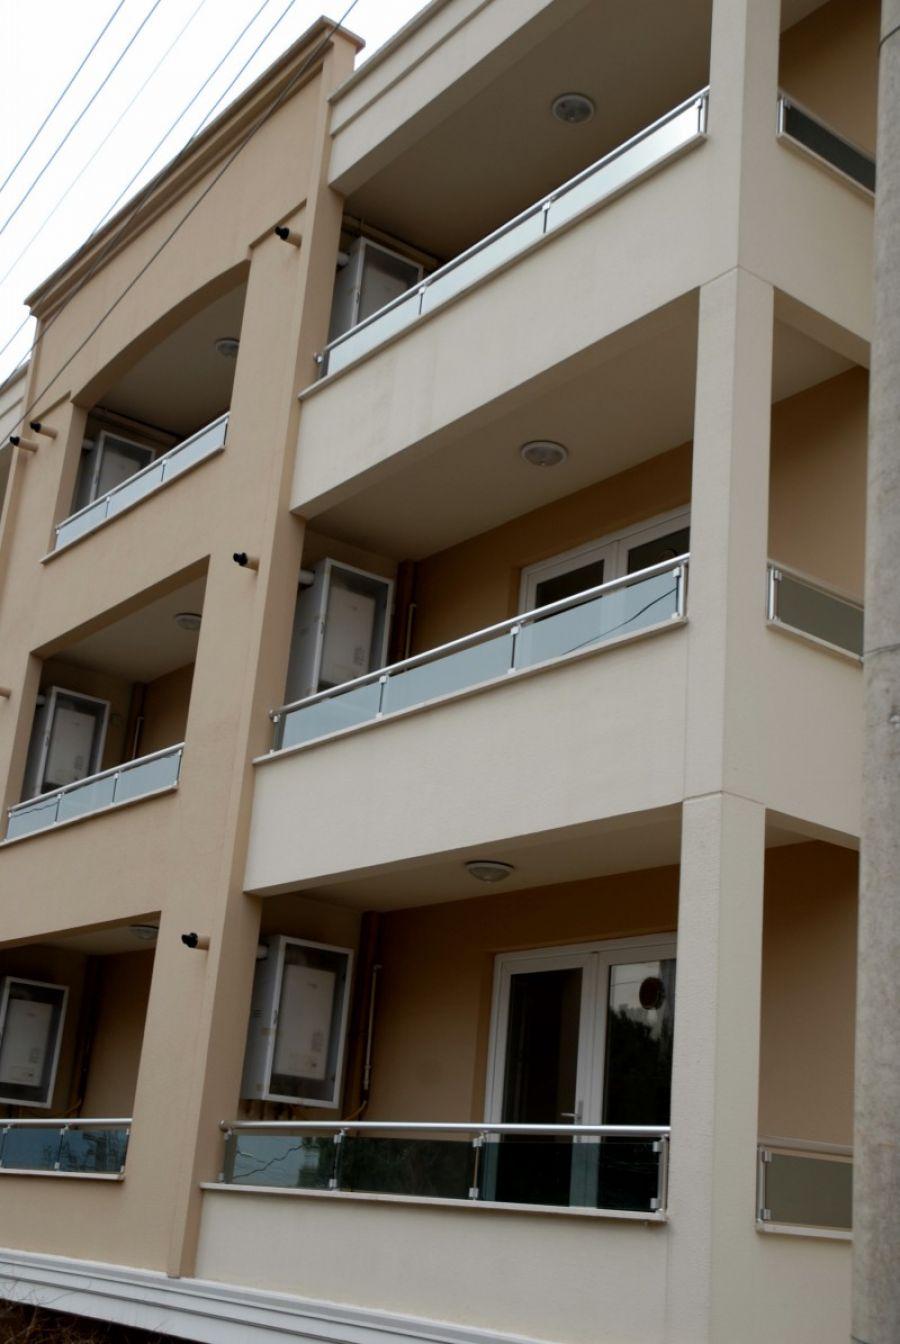 alüminyum parapet camlı balkon korkuluk modeli